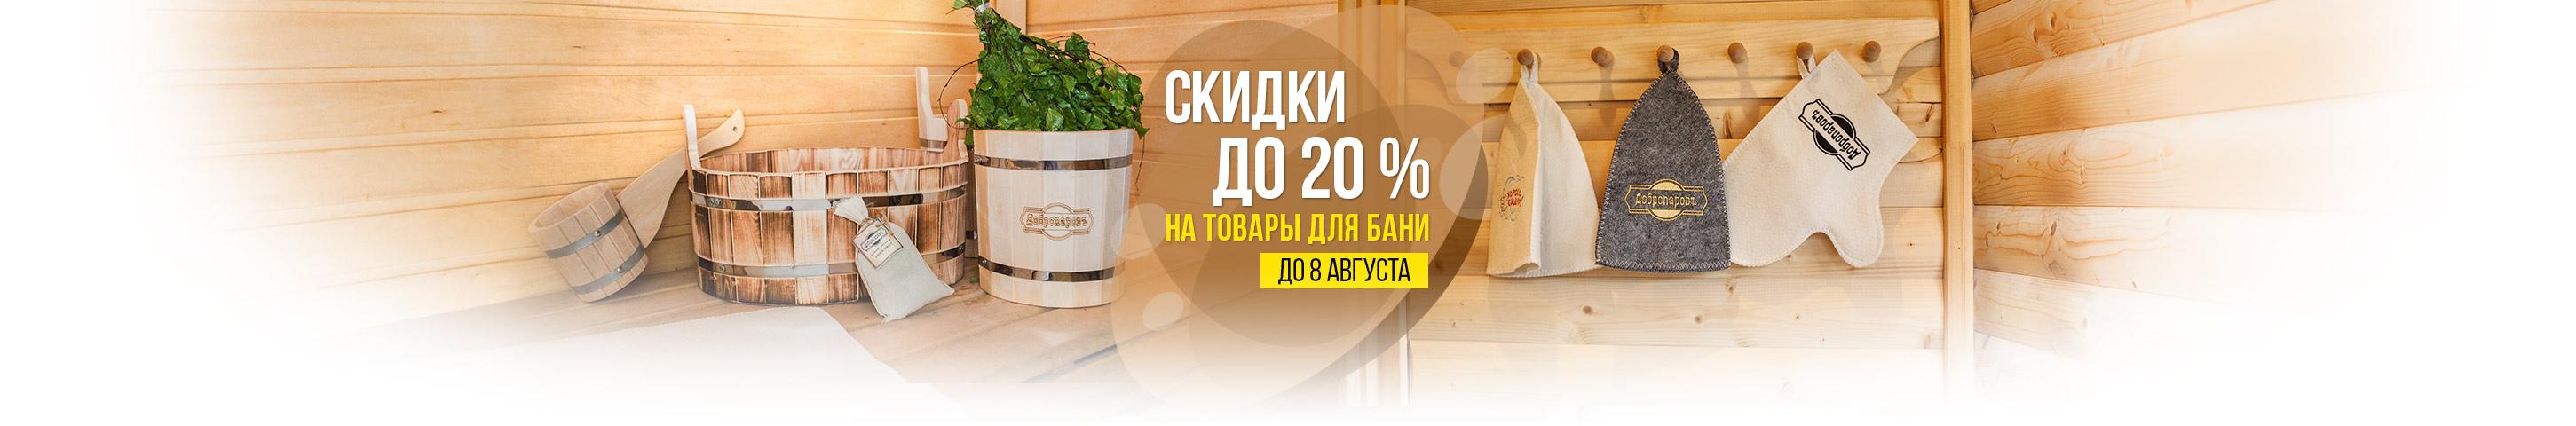 157b206db9f0 Купить все товары для бани и сауны оптом и в розницу | 7255 товаров ...